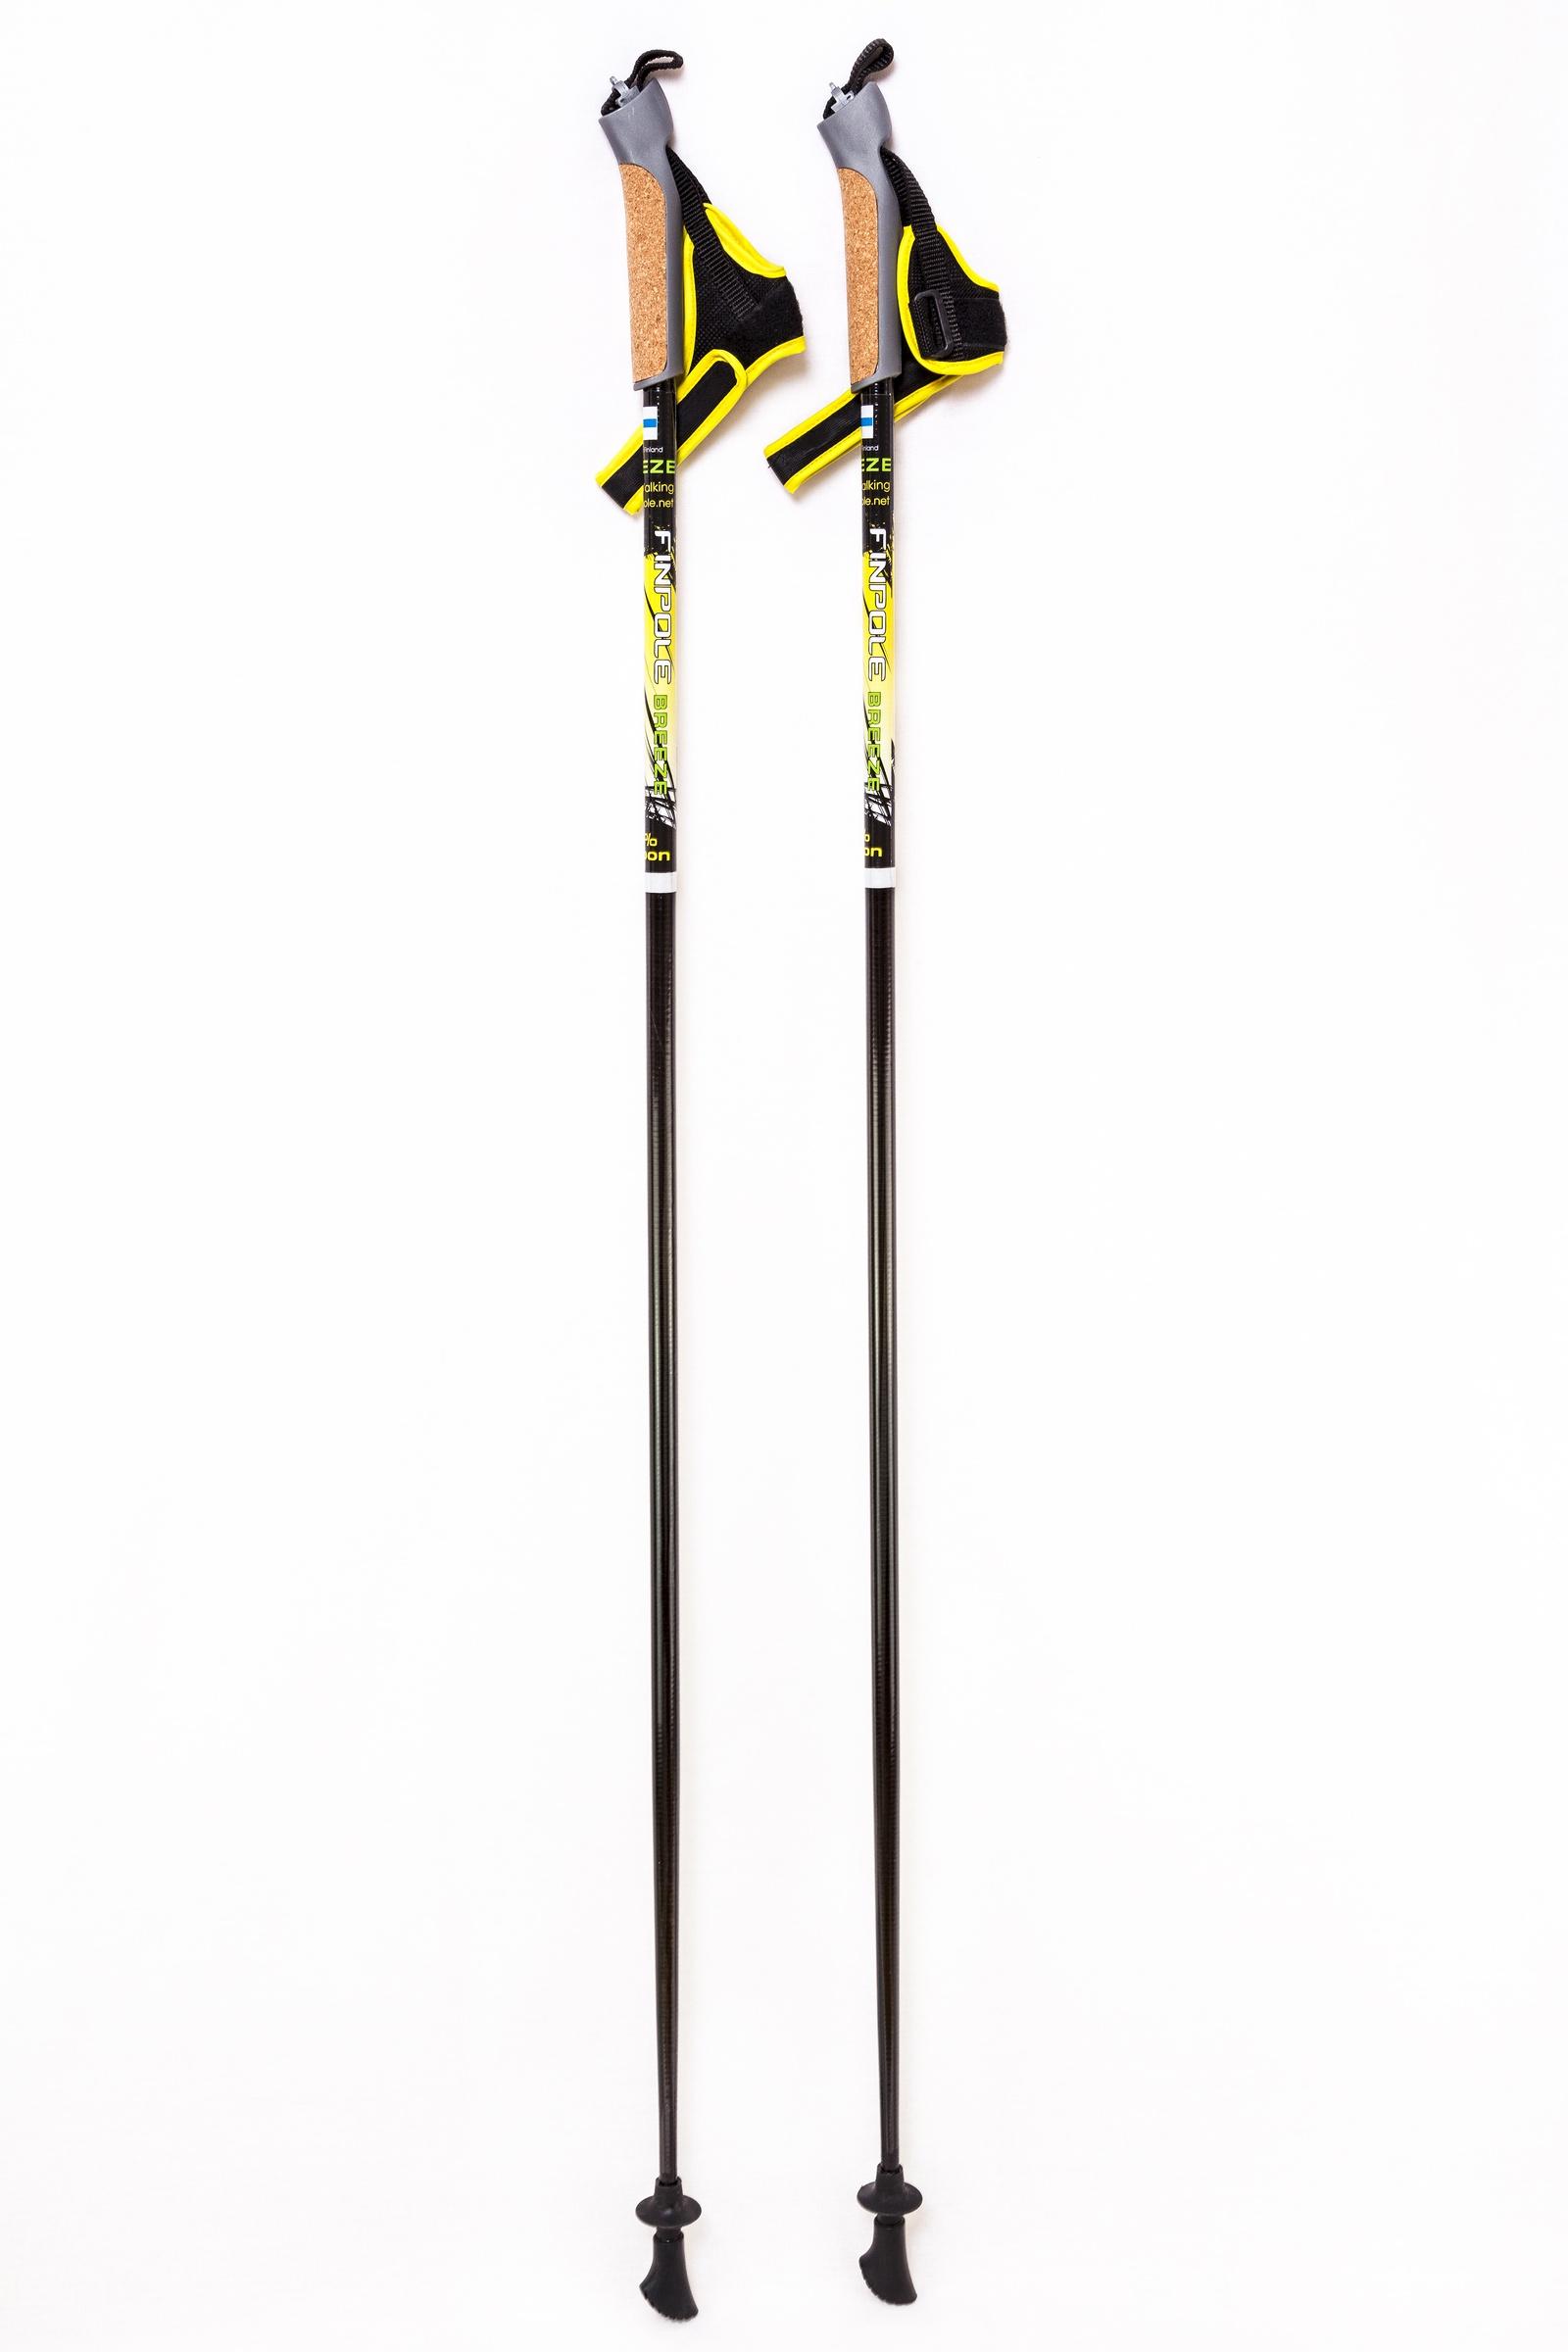 Палки для скандинавской ходьбы Finpole Breeze 60% carbon палки для скандинавской ходьбы komperdell carbon forza длина 120 см 2 шт